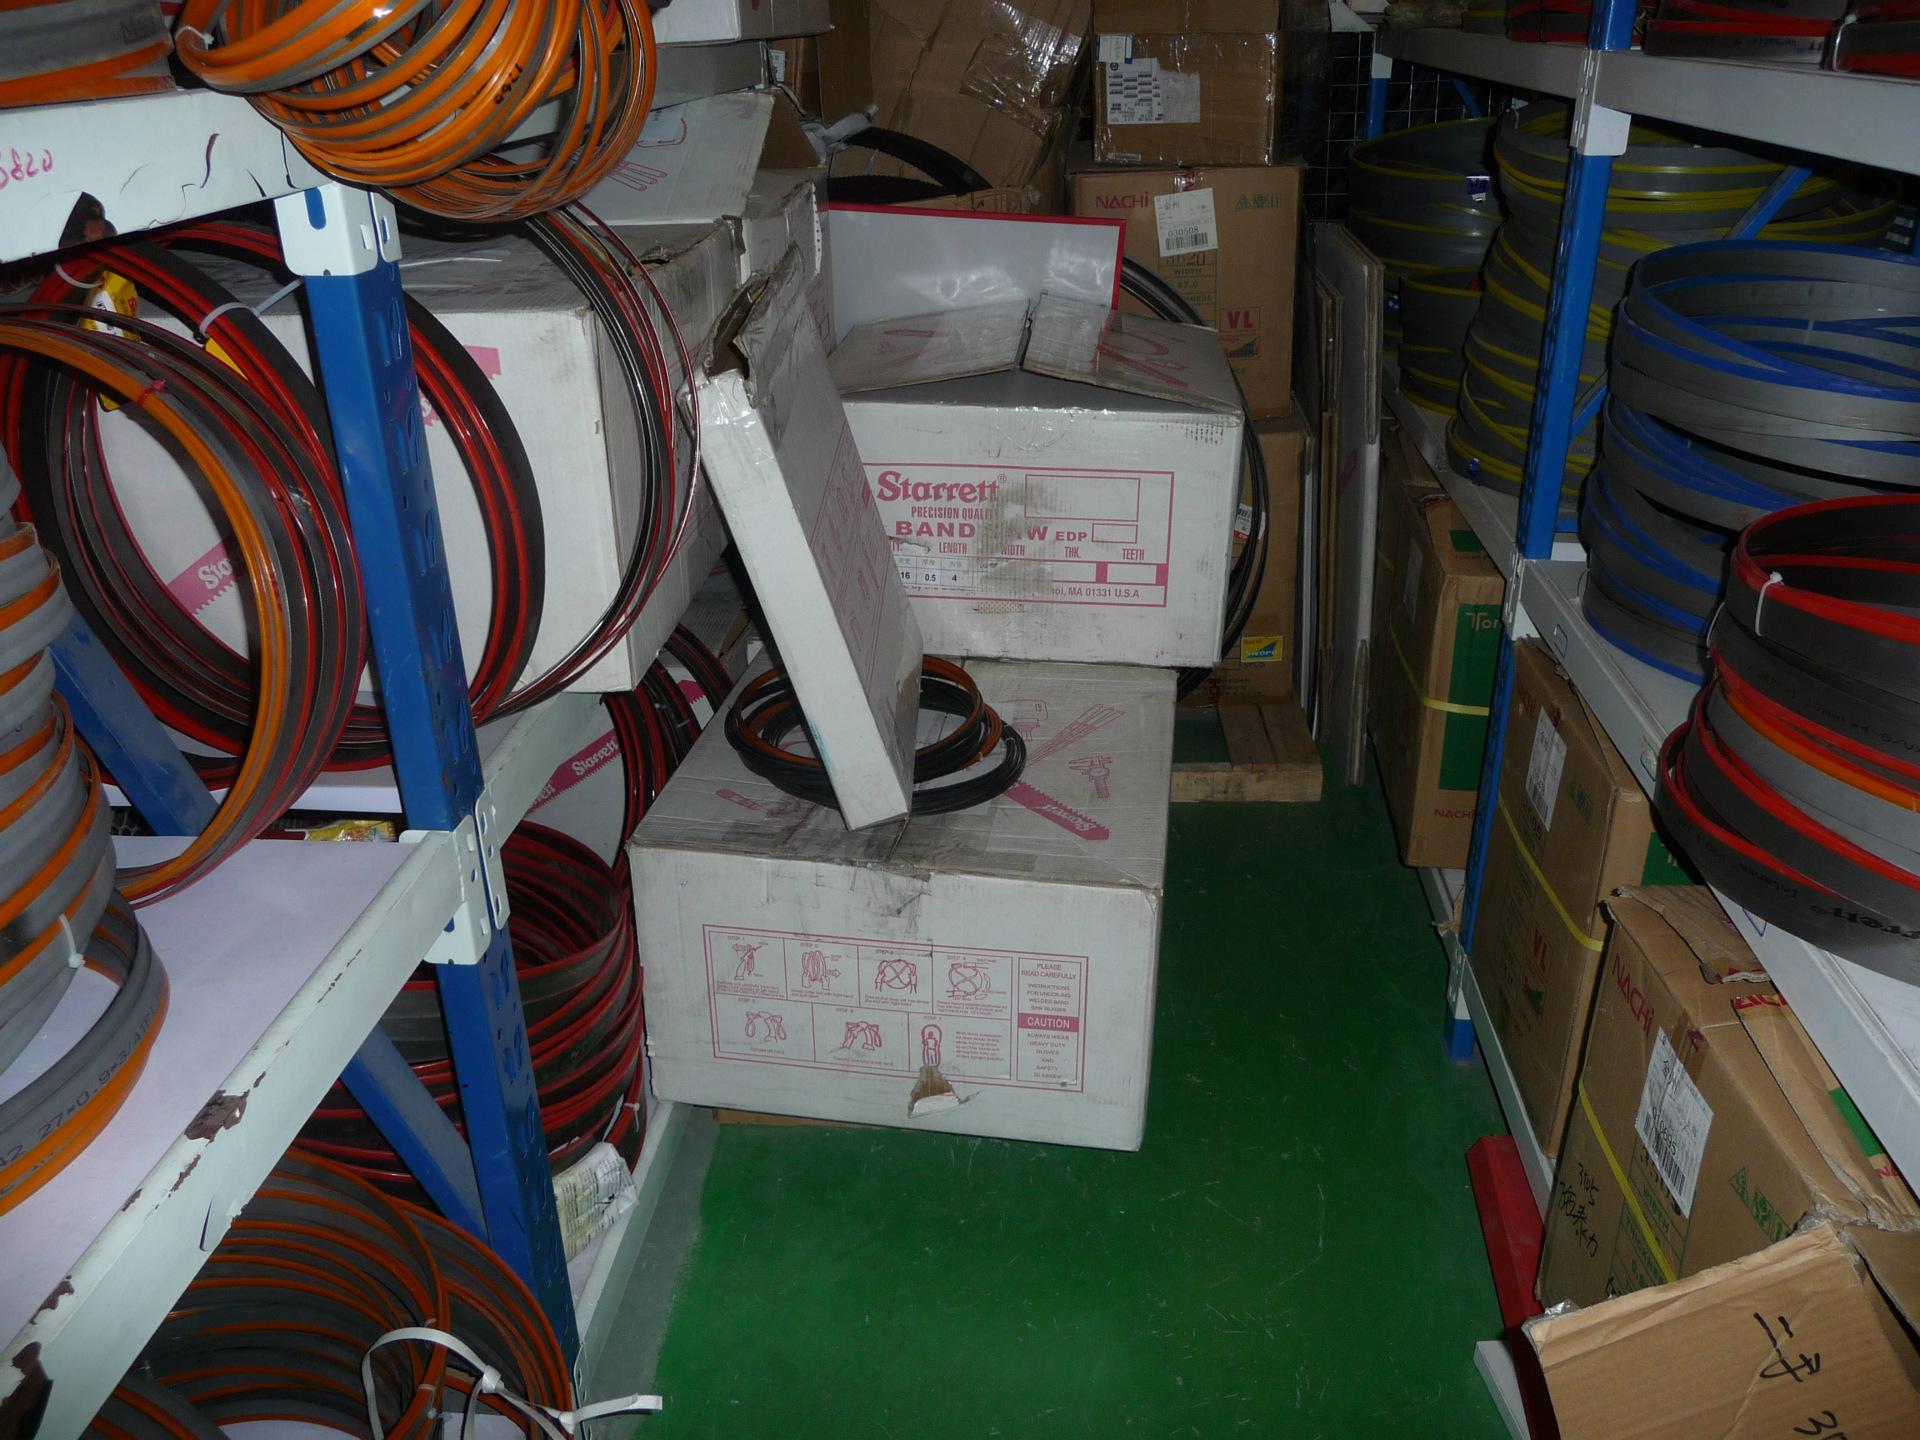 大连进口供应大连施泰力带图片数码,美国供应灯带锯条图片